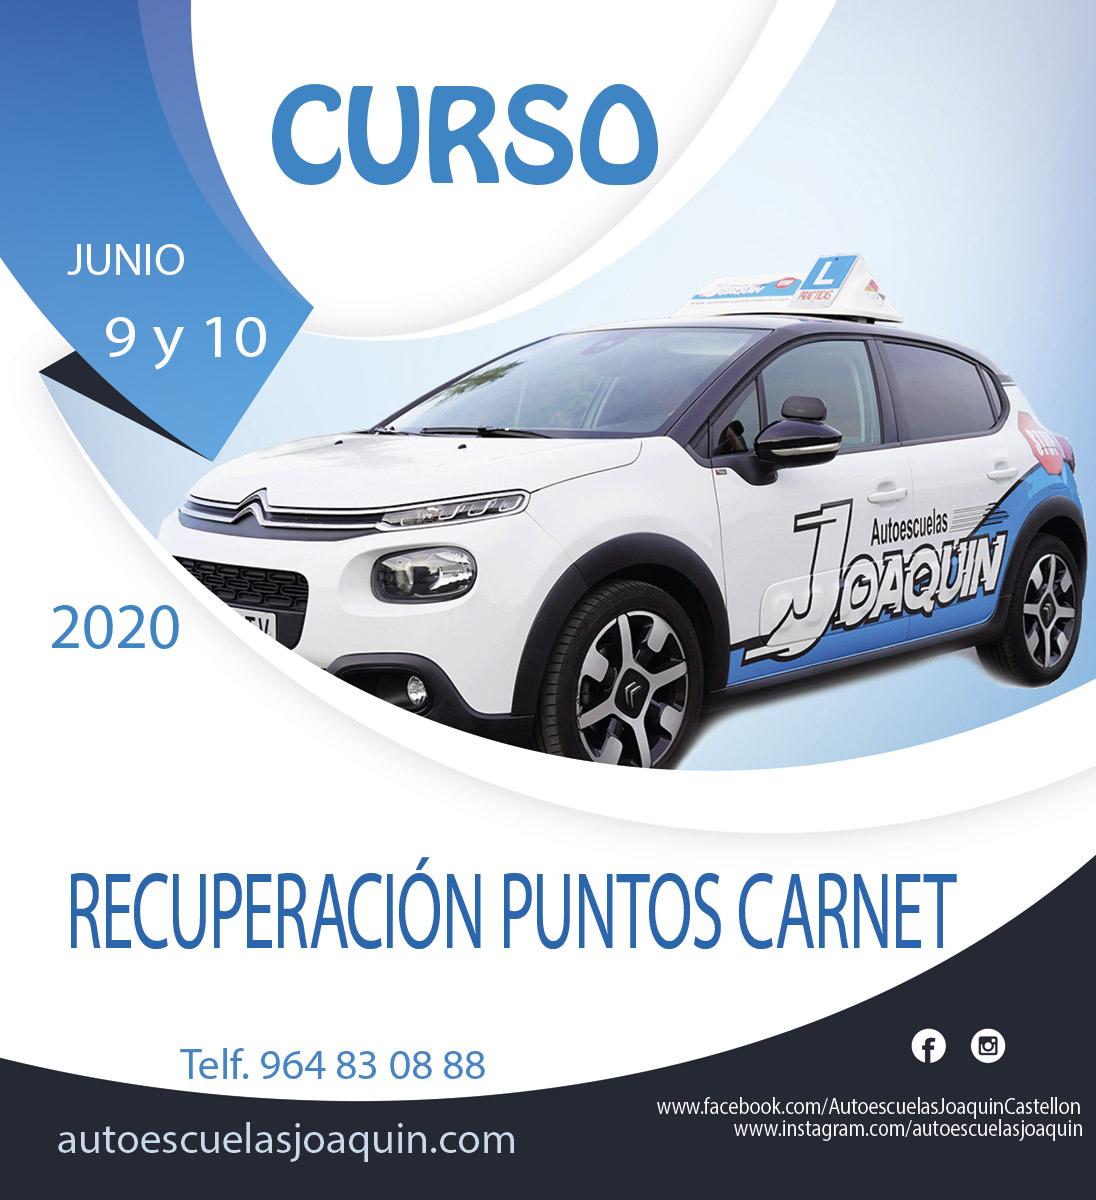 recuper-puntos-carnet-junio-2020